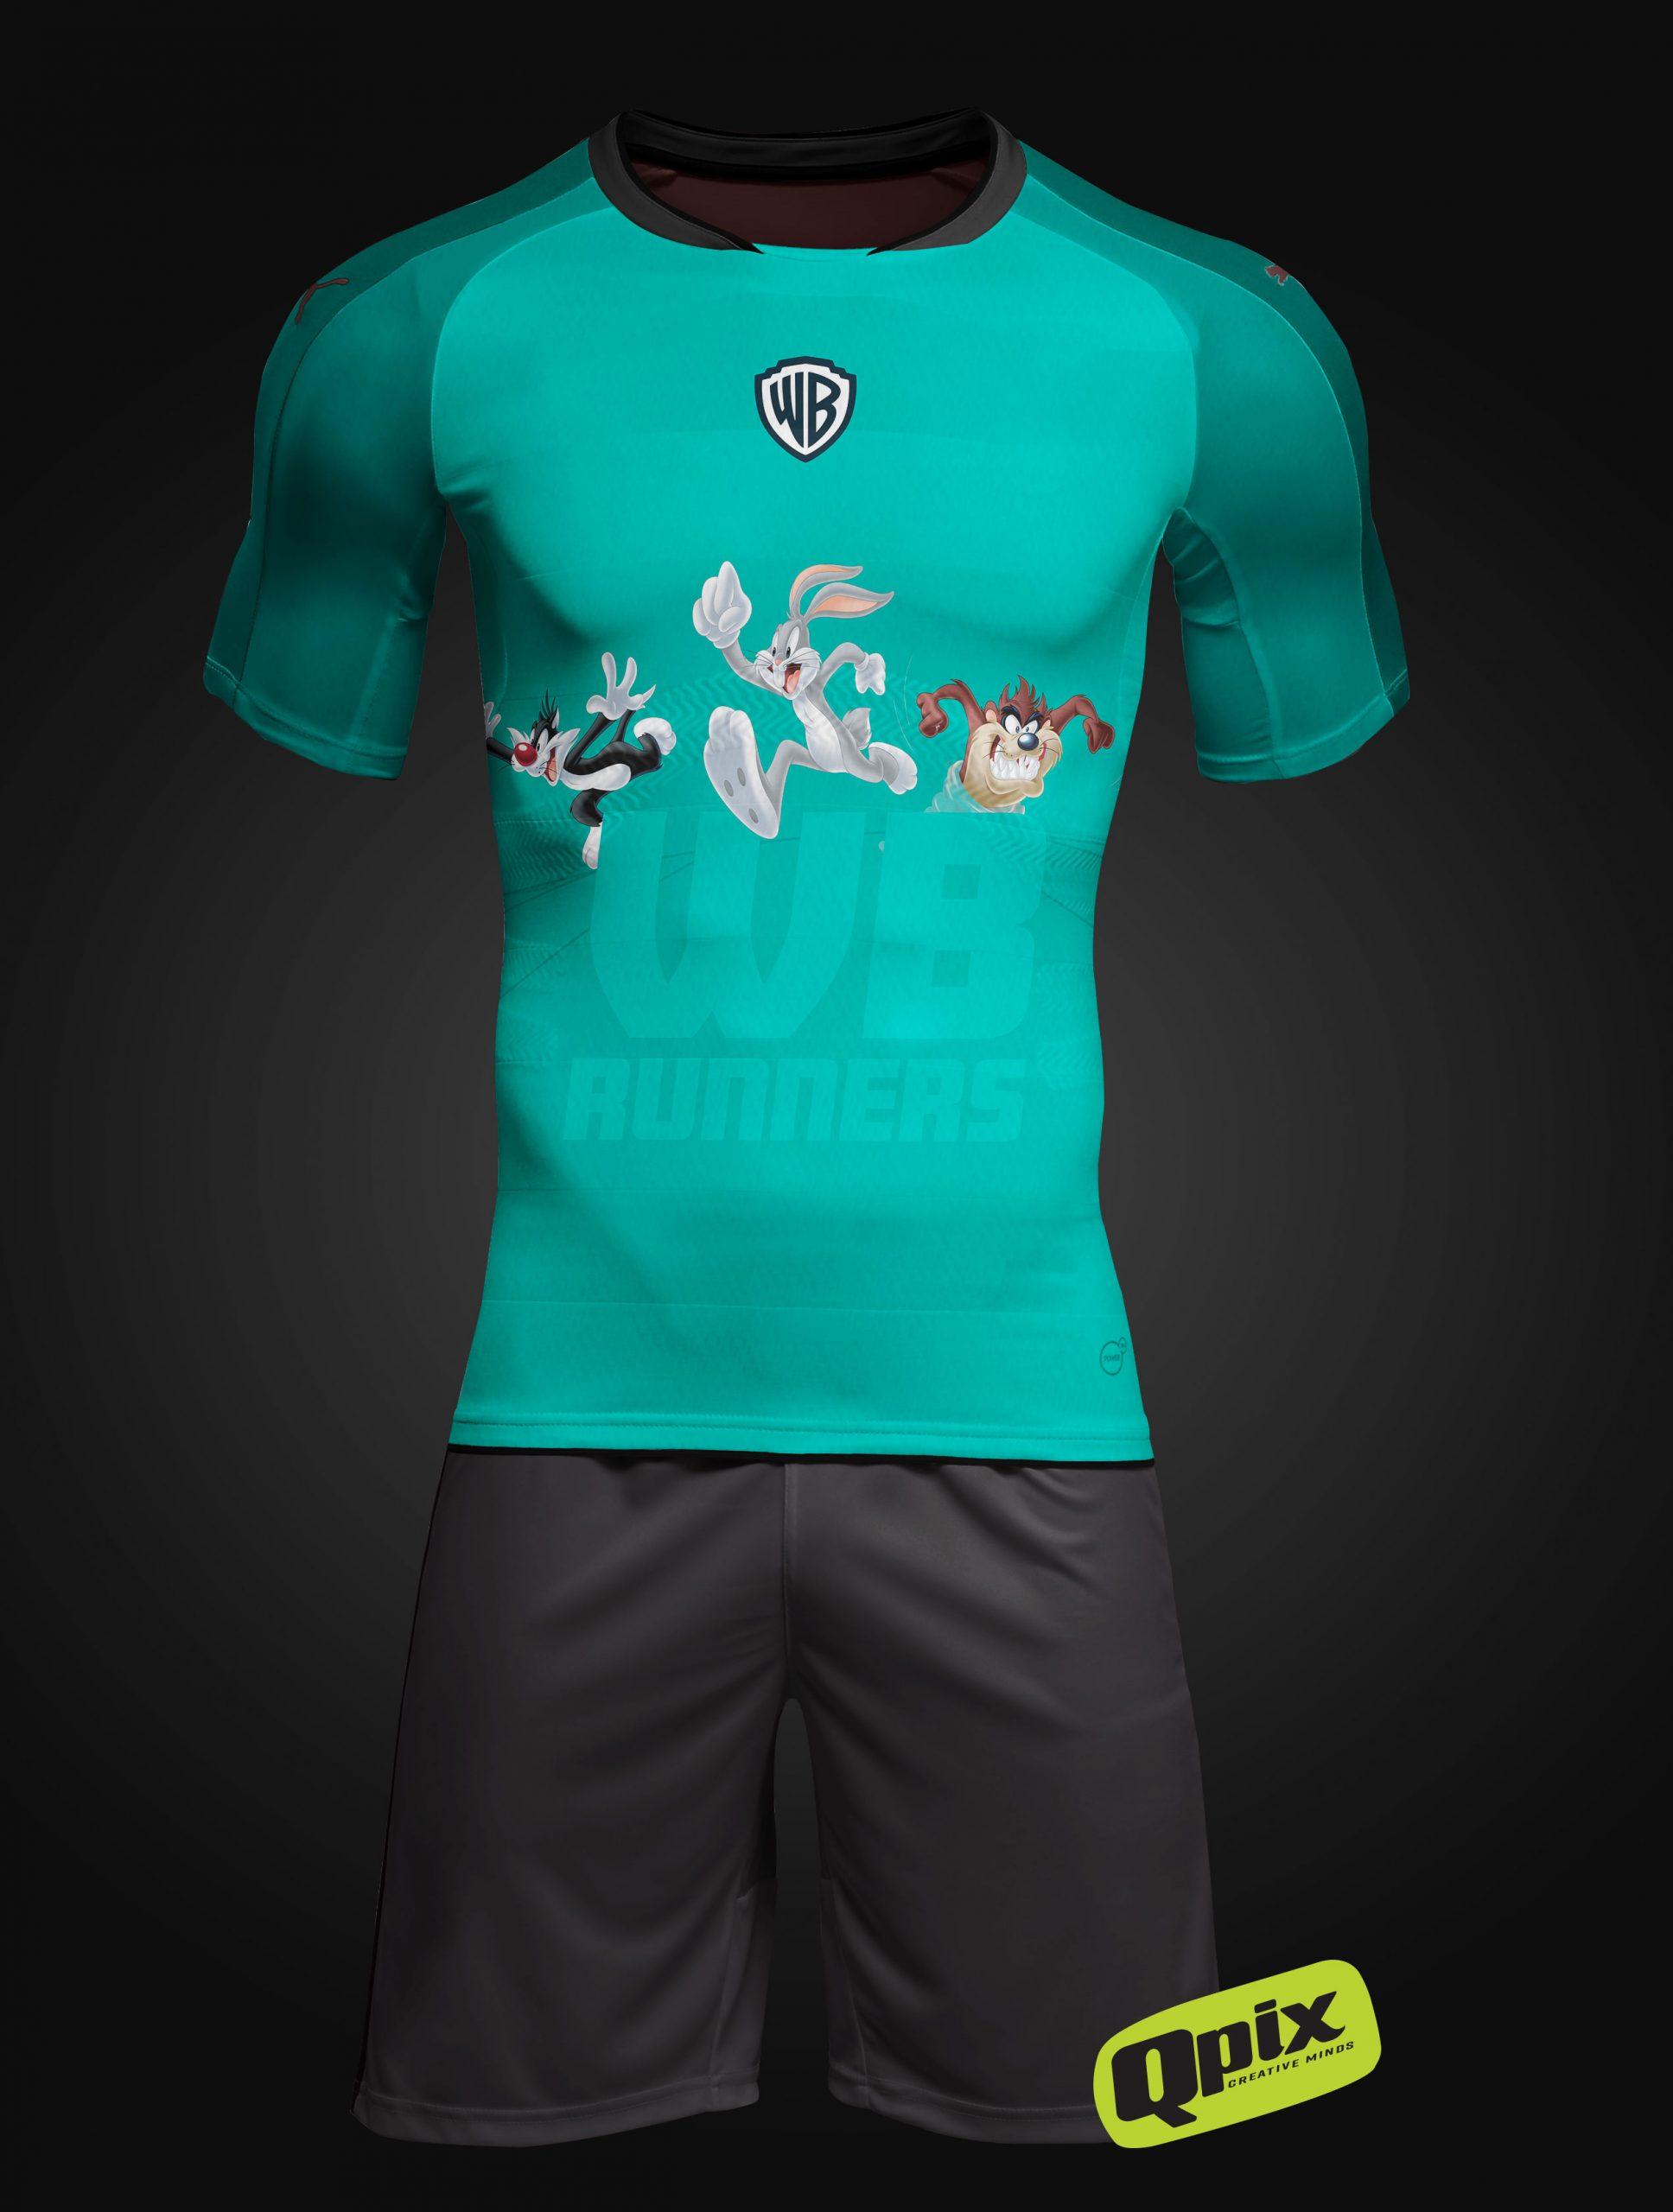 camiseta-de-corrida-WB-Runners_06-qpix-creative-minds